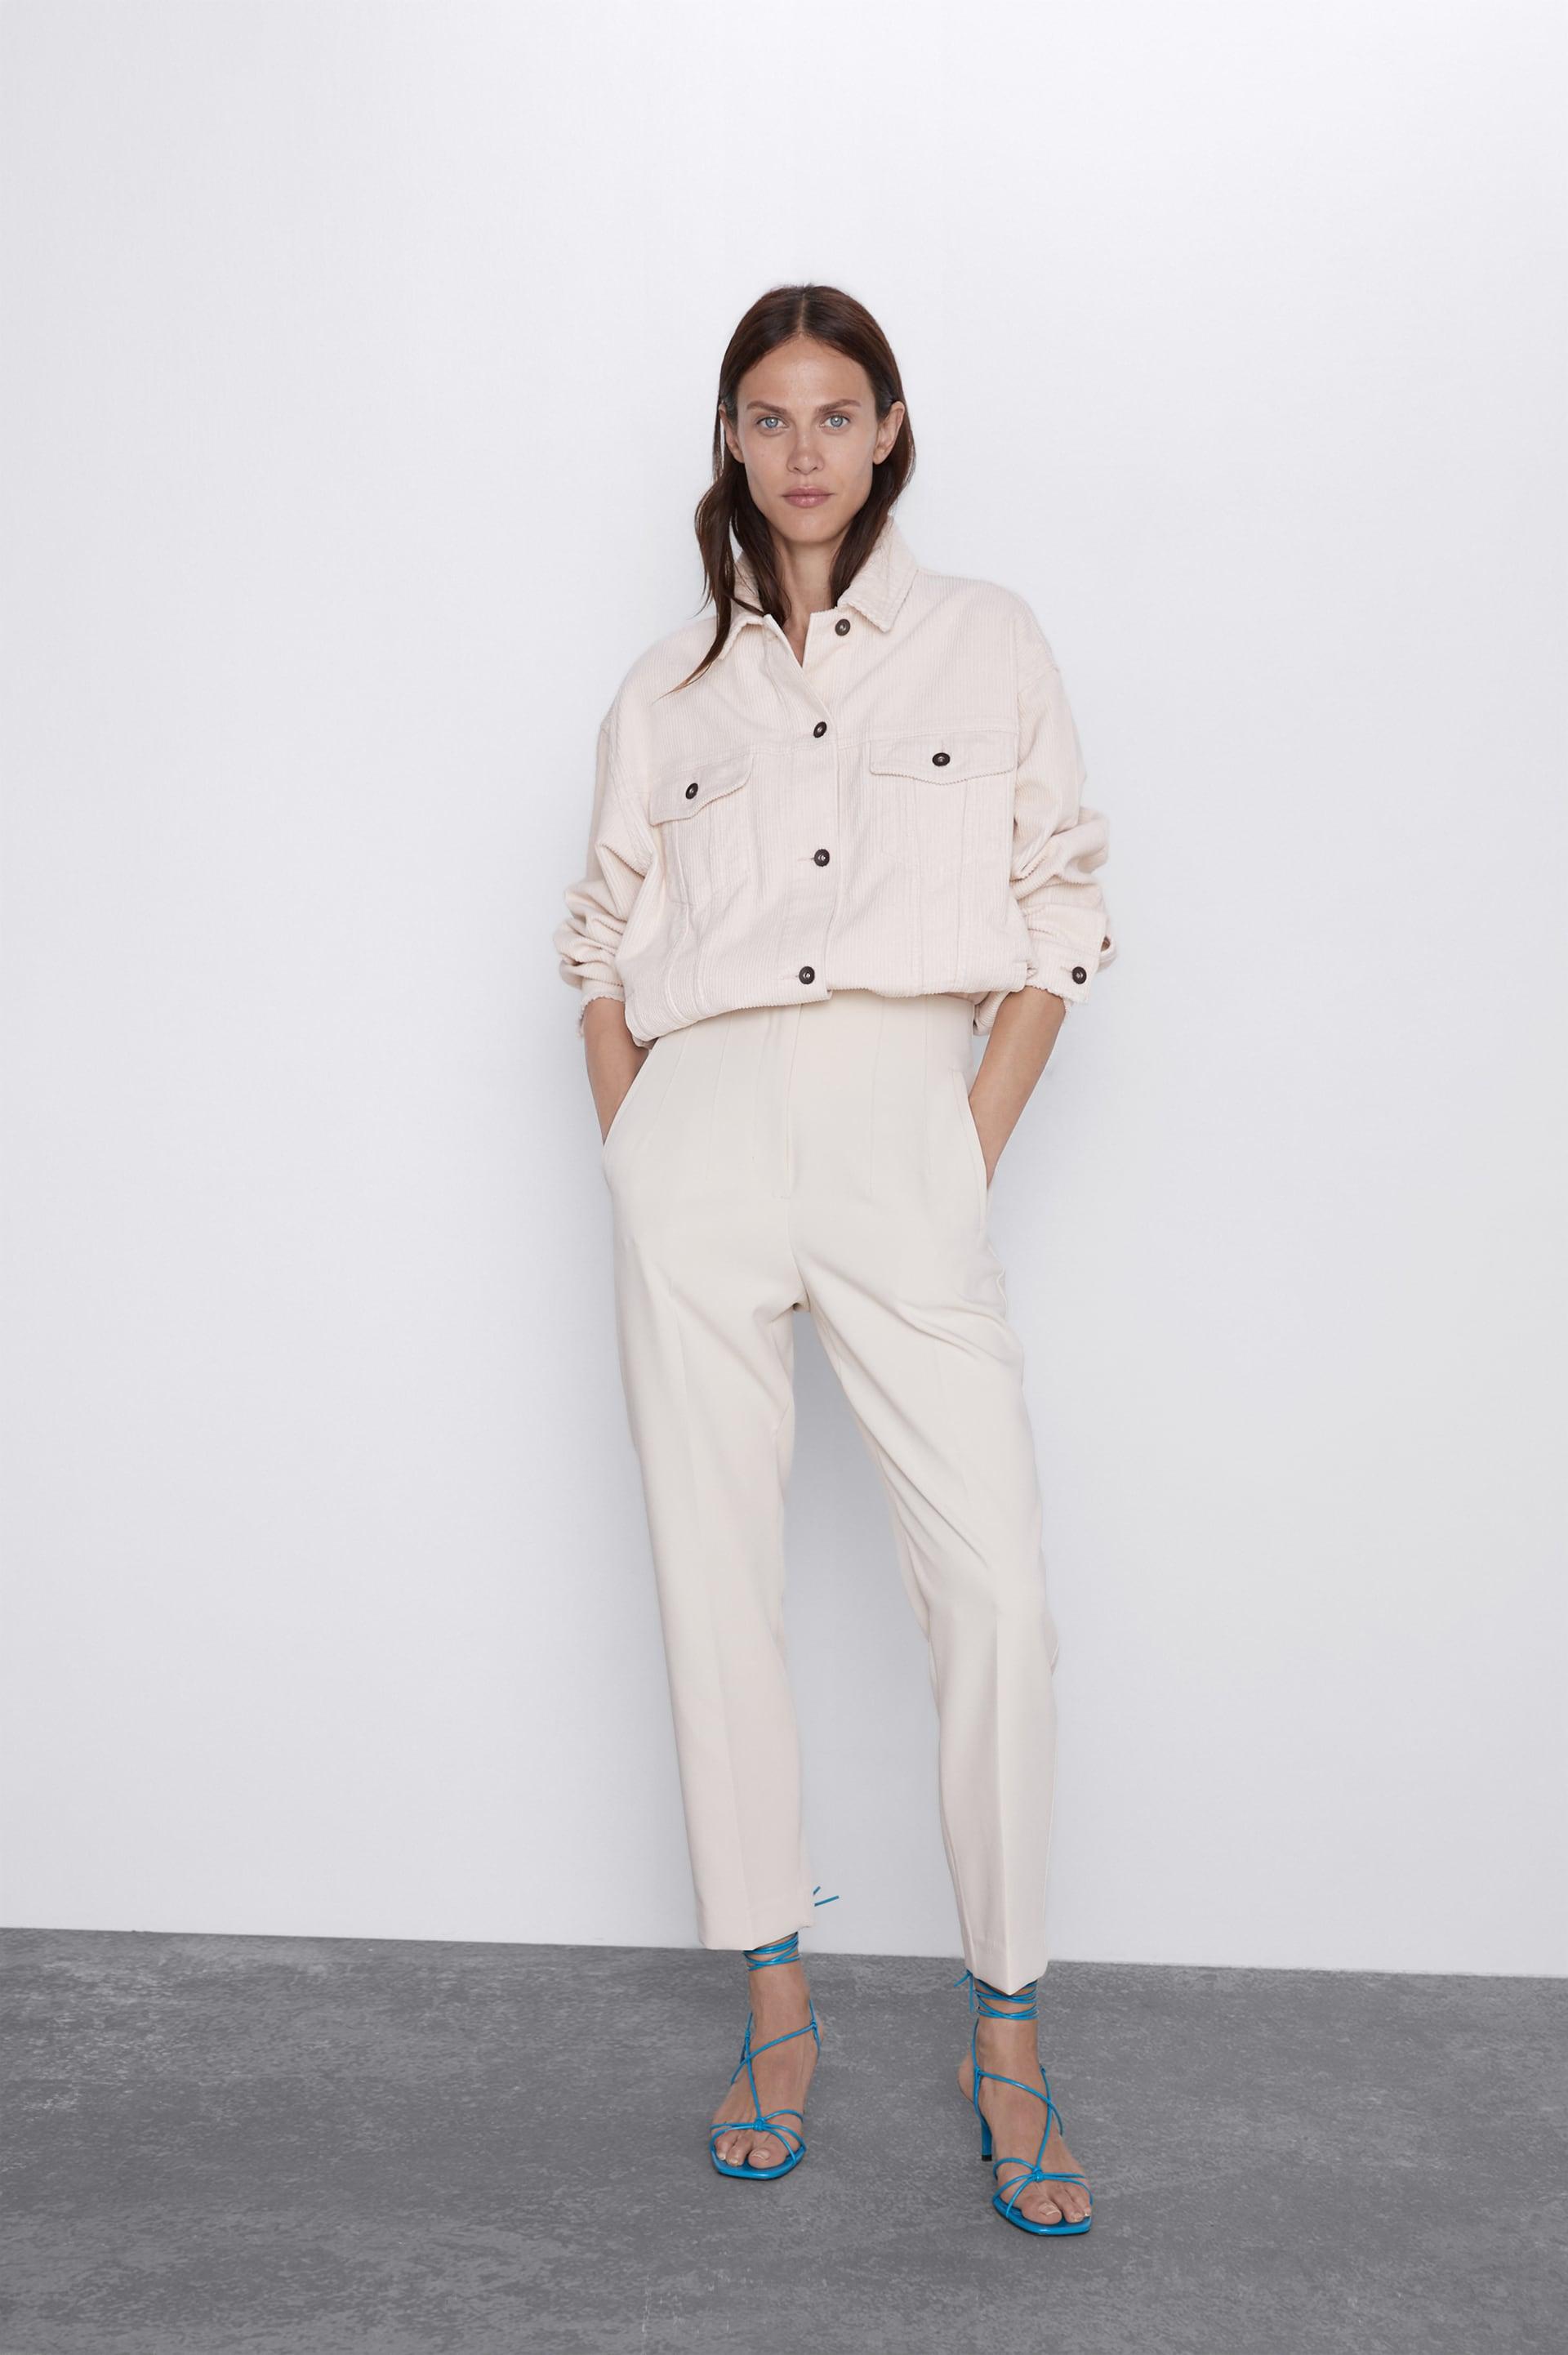 96f252381 Zara Best Sellers Summer 2019 Popular Things To Buy